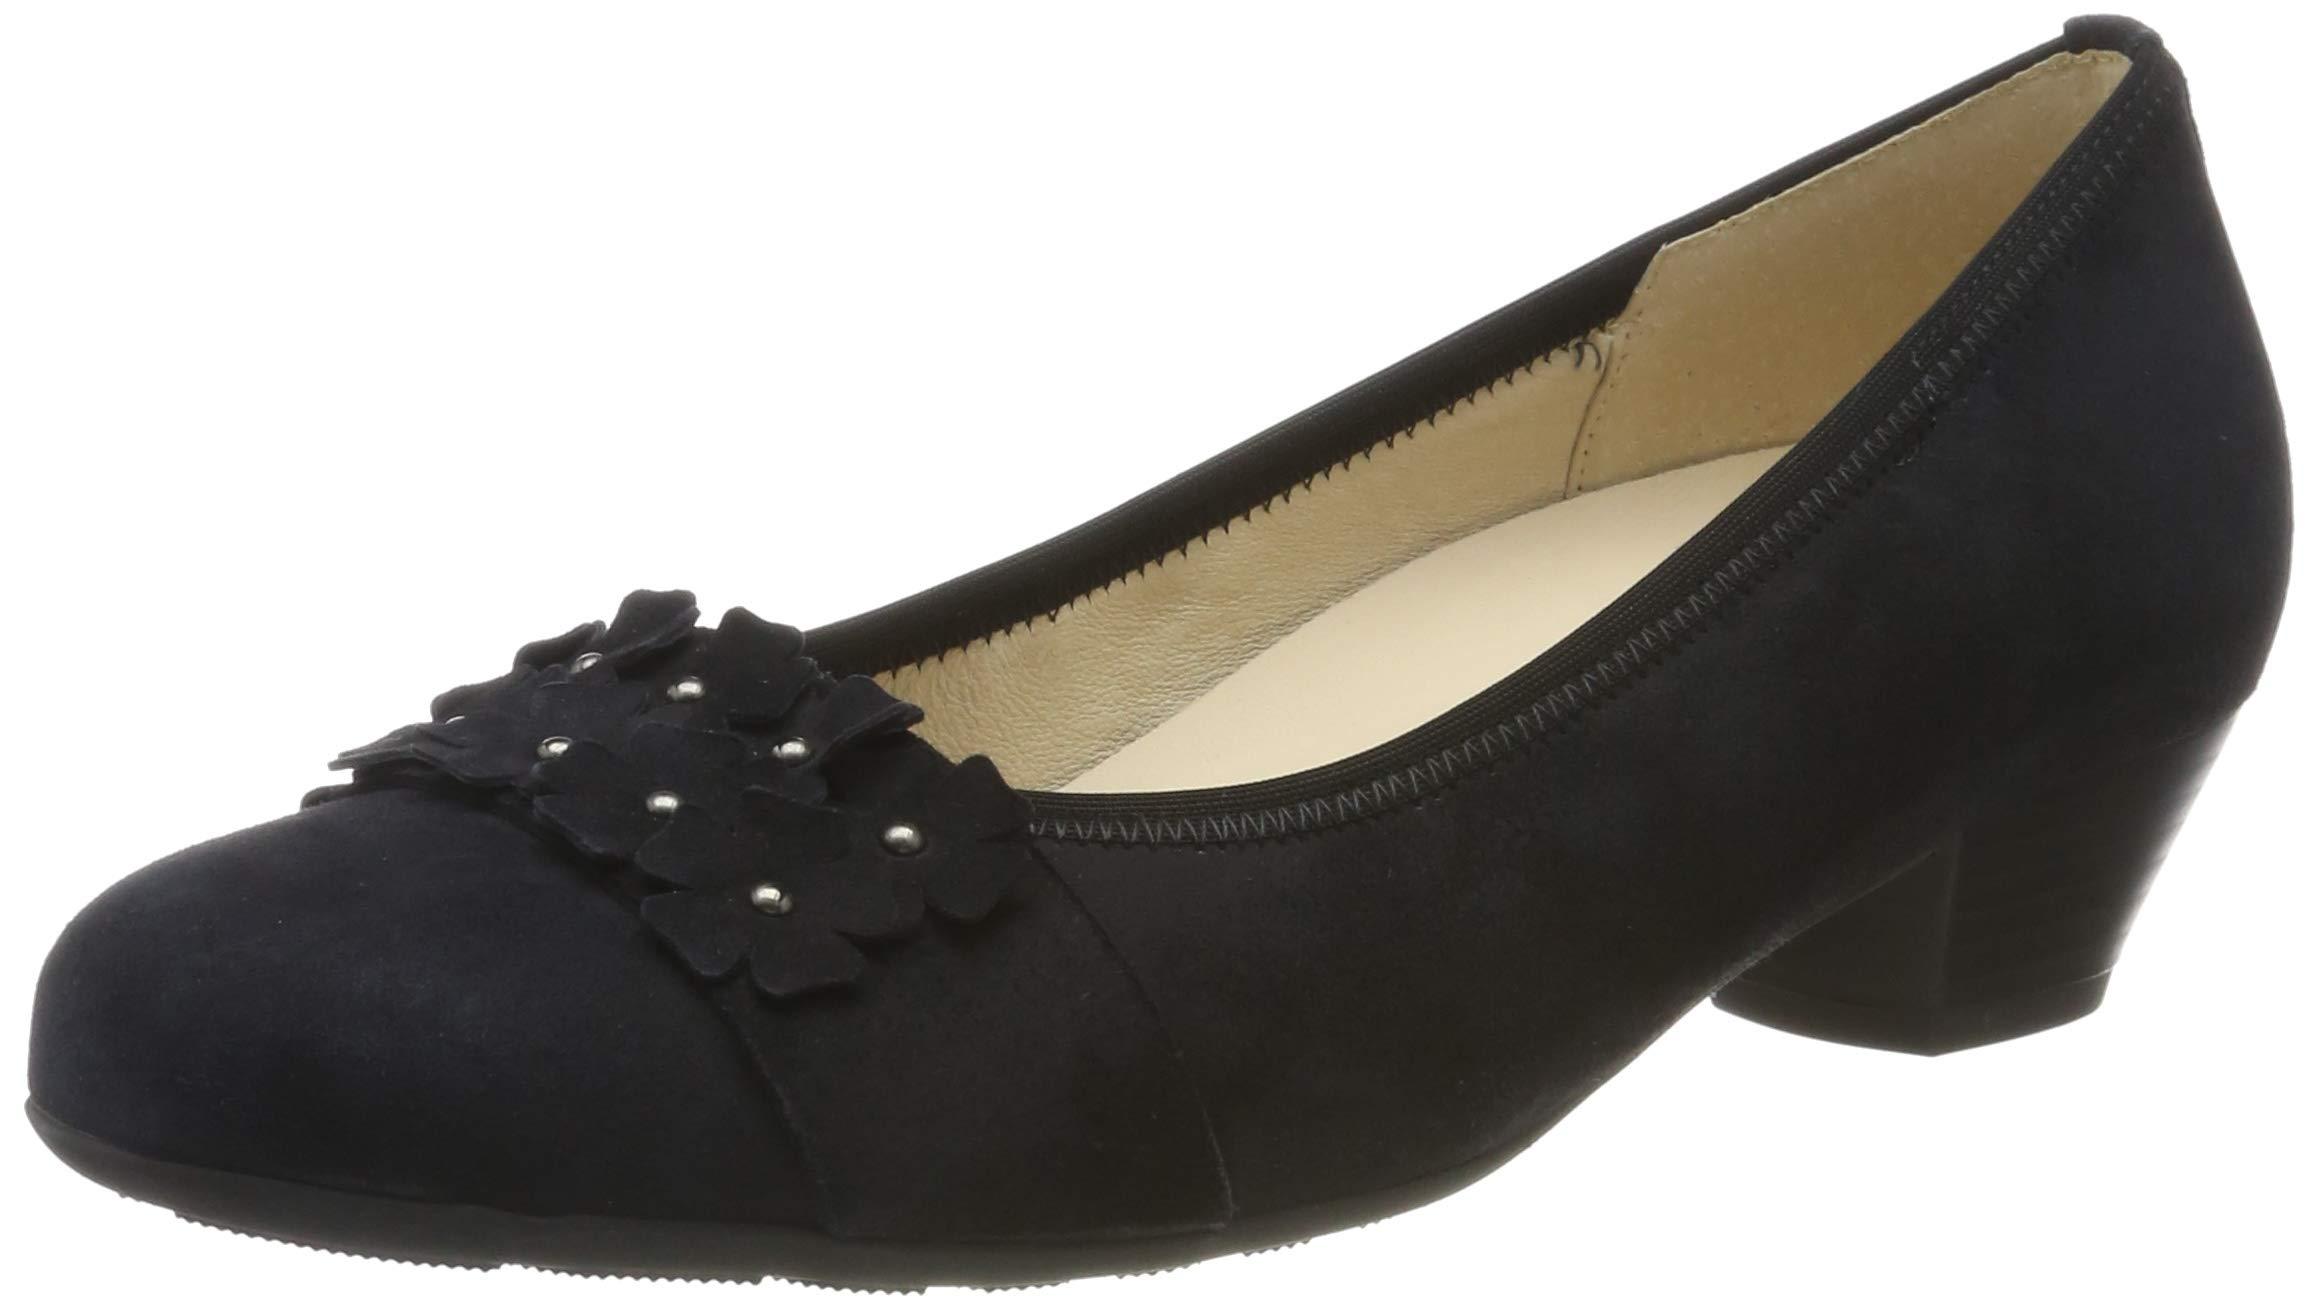 Shoes BasicEscarpins Eu Comfort Gabor 2638 5 FemmeBleupazifik XiPZTlwuOk